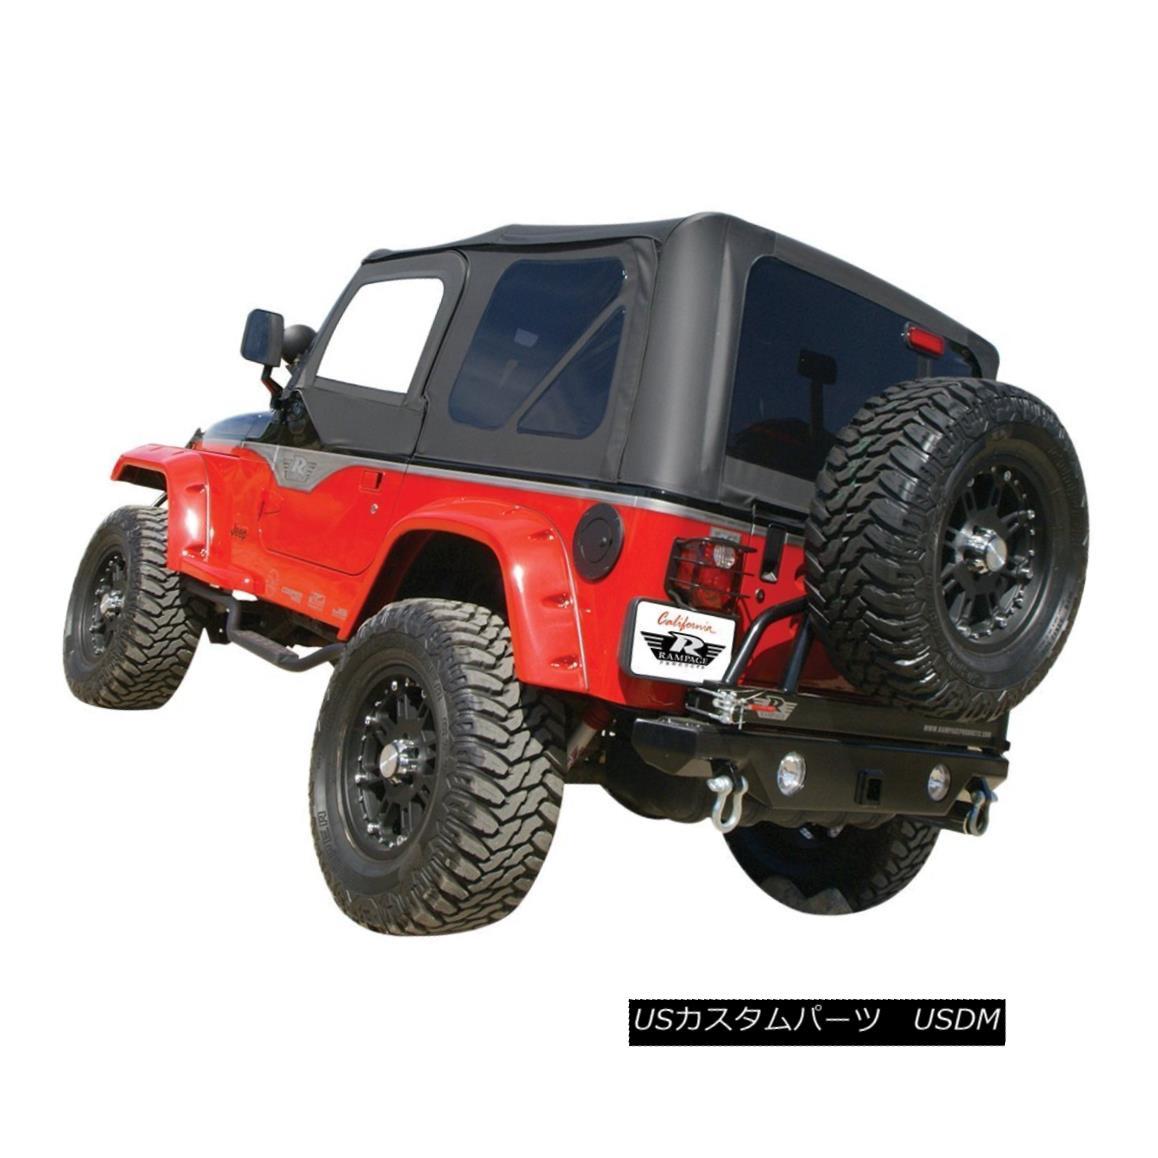 幌・ソフトトップ Rampage 912935 Soft Top For 97-2006 Jeep Wrangler (TJ) Rampage 912935 Soft Top for 97-2006ジープラングラー(TJ)